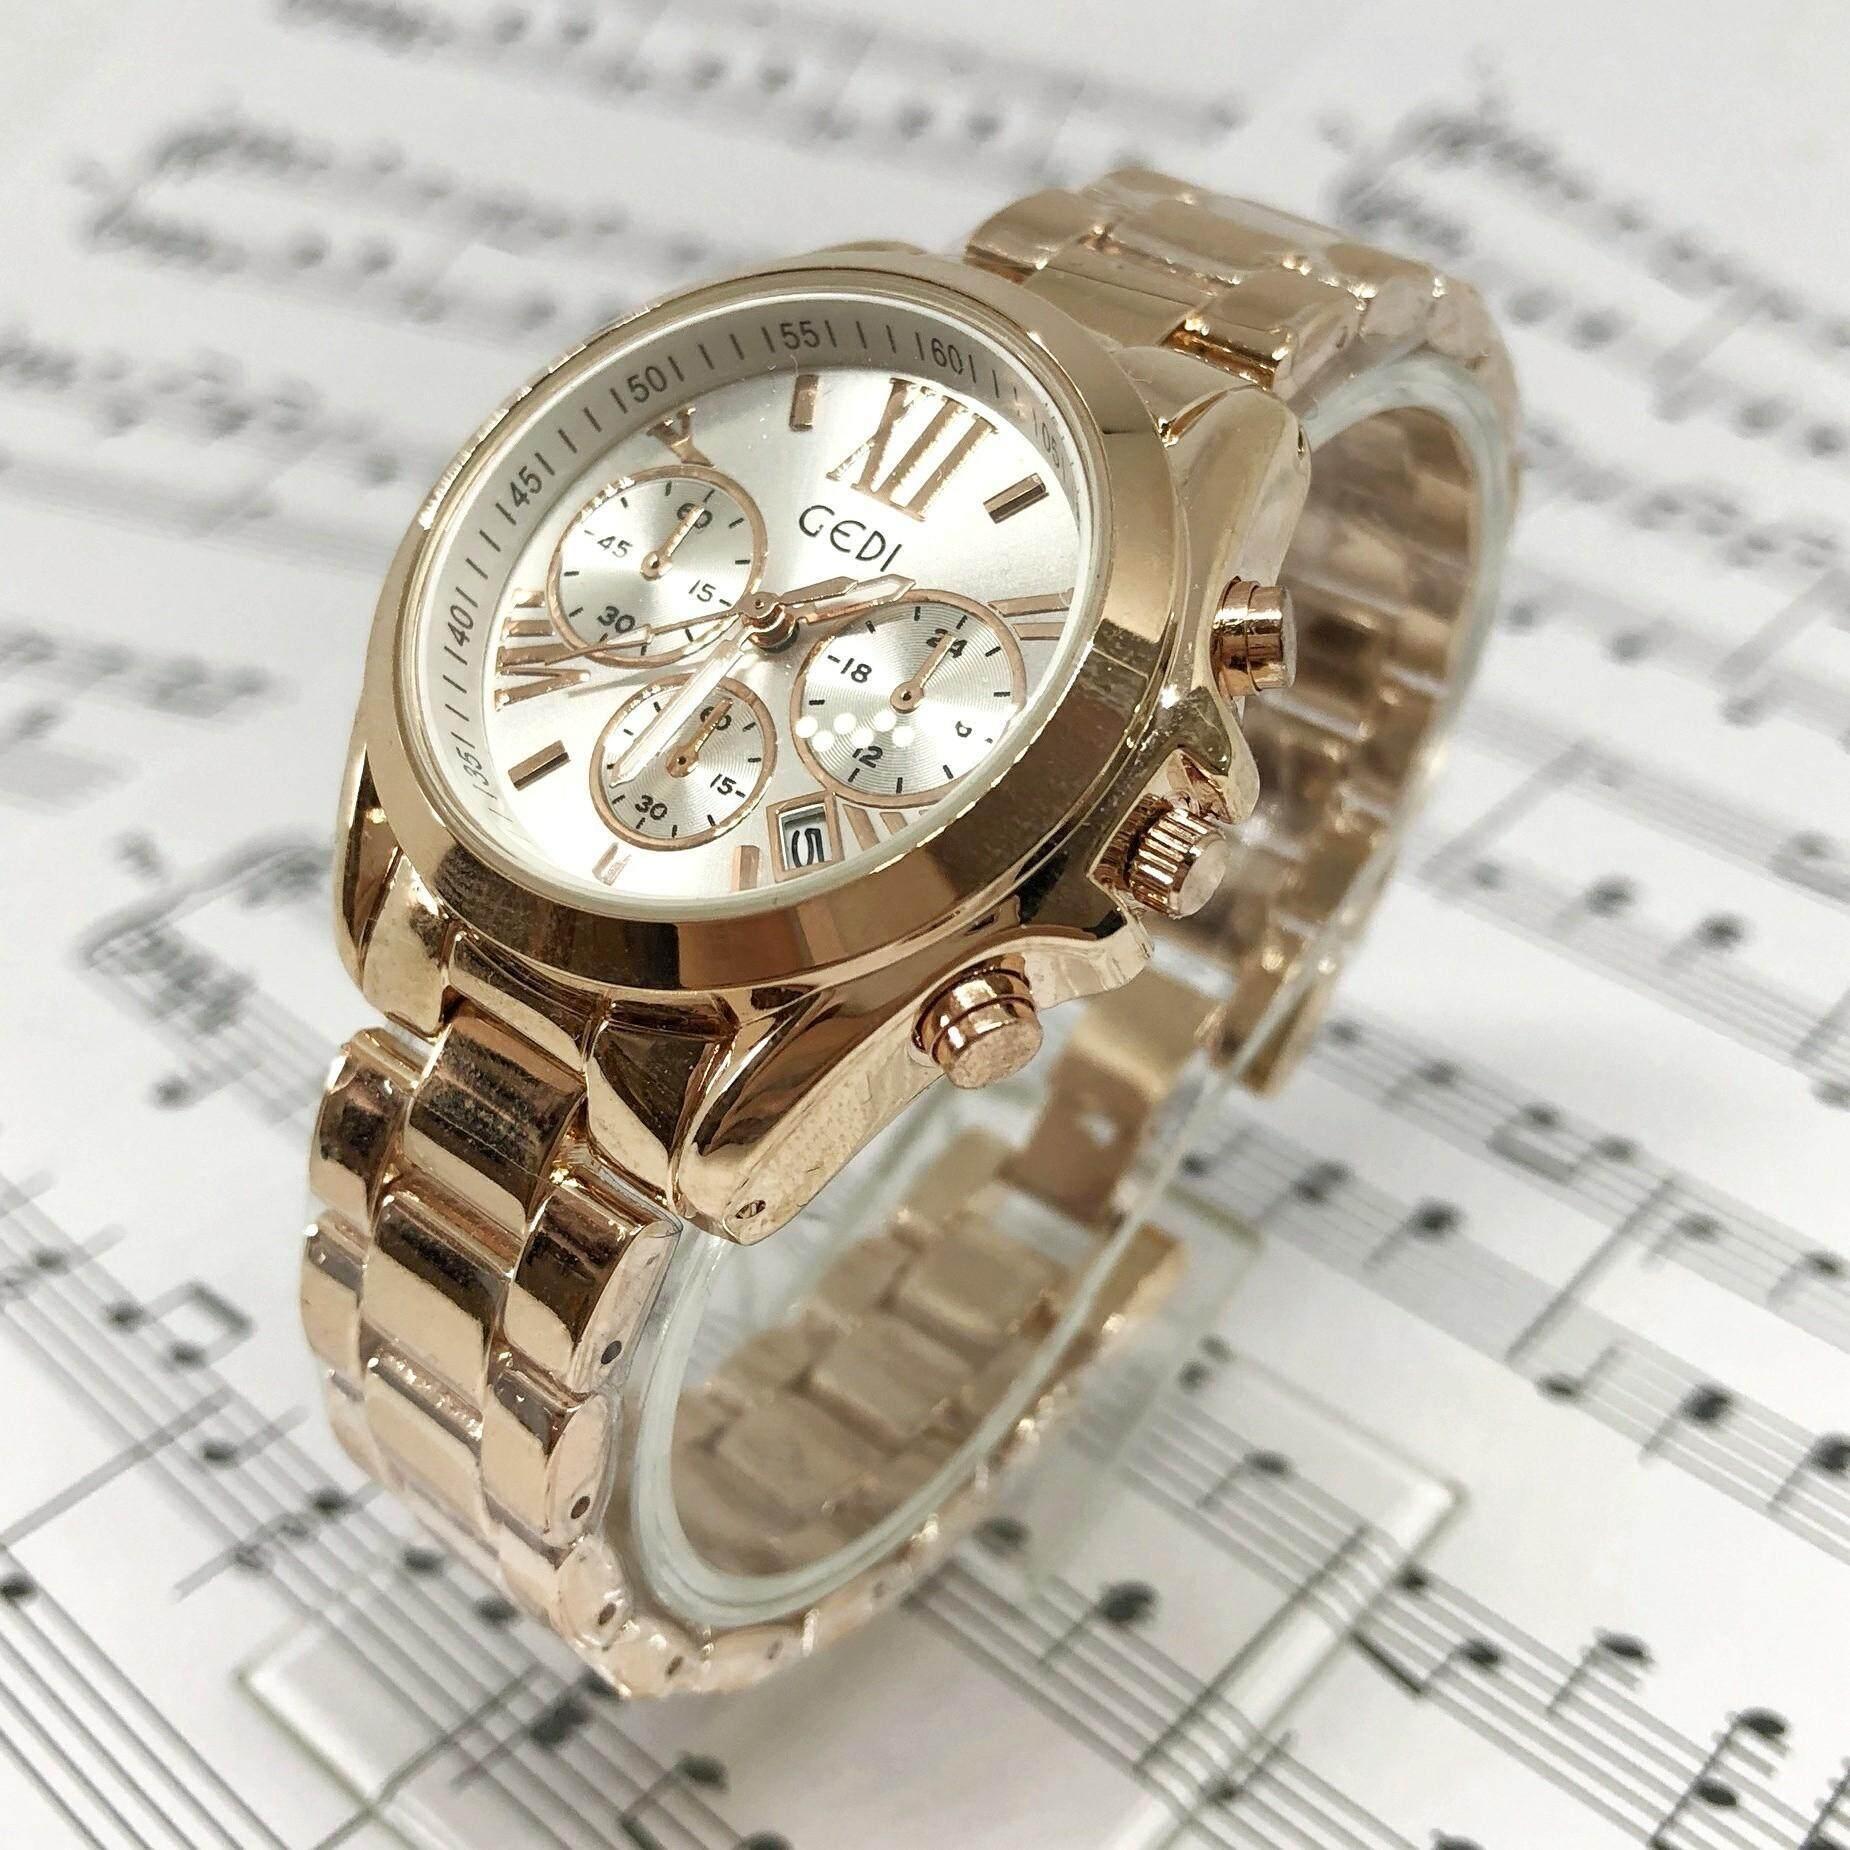 Gedi Watch จีดี้ วอช นาฬิกาข้อมือผู้หญิง หน้าปัดสไตล์ Mk สีทอง หน้าปัดสีขาว กันน้ำได้ ดูวันที่ได้ สินค้าขายดีมาก พร้อมกล่องแบรนด์ (มีเก็บเงินปลายทาง).